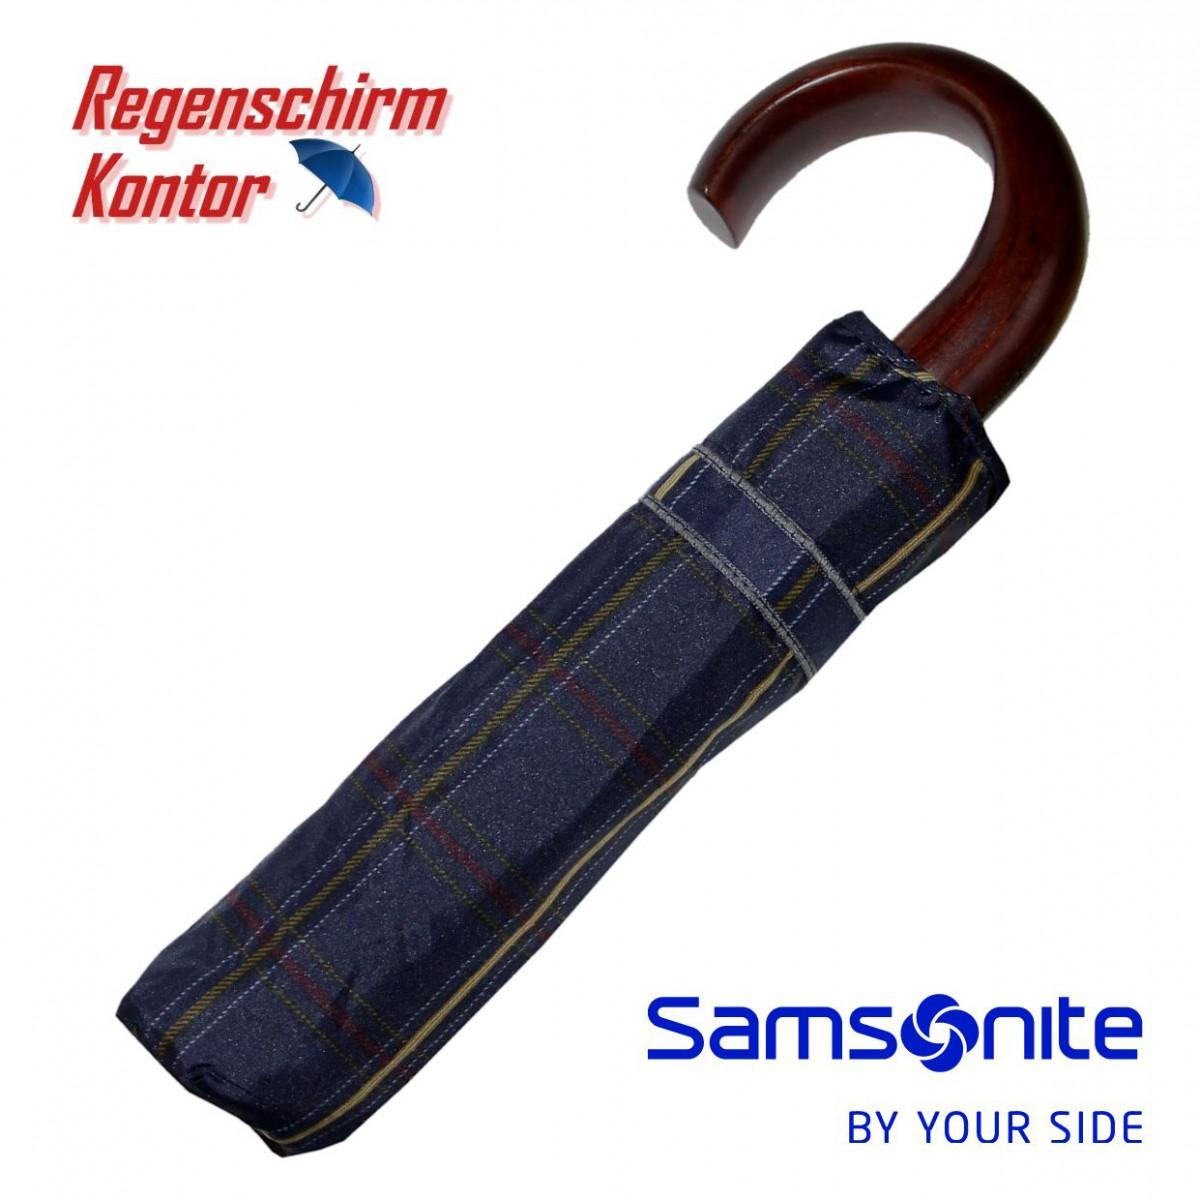 Regenschirm Samsonite Taschenschirm Holzgriff Karo Blau